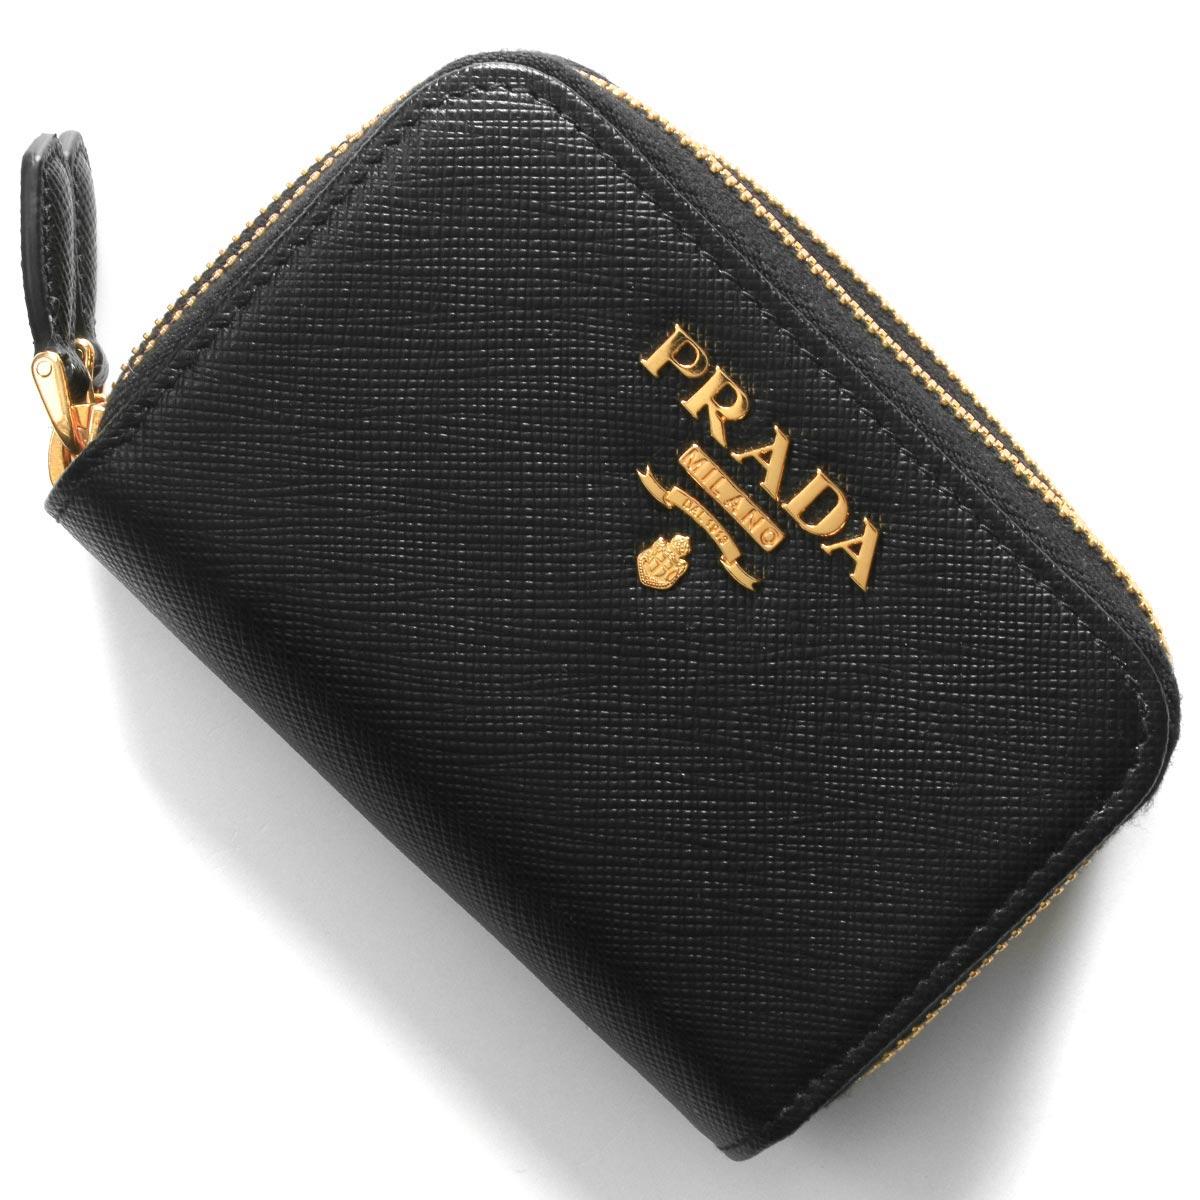 プラダ コインケース【小銭入れ】/カードケース 財布 レディース サフィアーノ メタル ブラック 1ML039 QWA F0002 PRADA